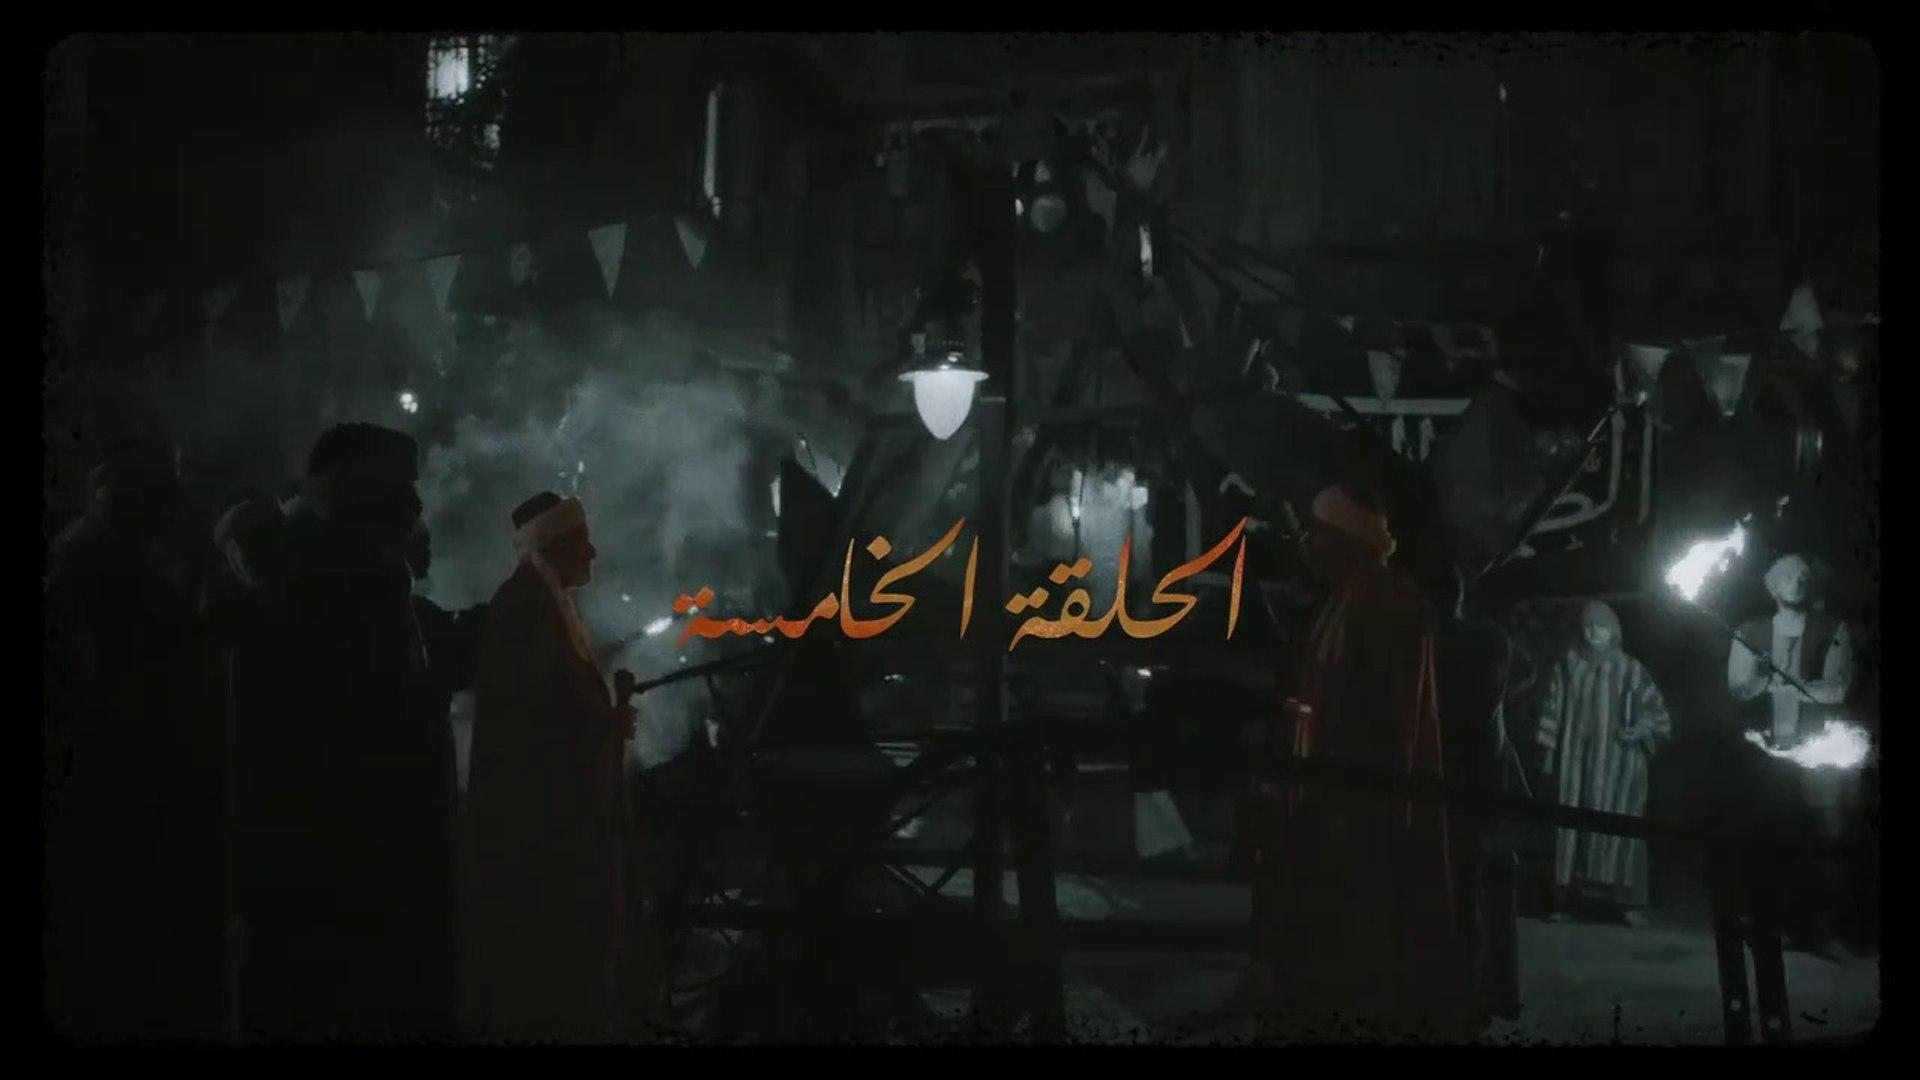 مسلسل الفتوة الحلقة 5 HD - مسلسل الفتوة الحلقة 5 الخامسة ياسر جلال رمضان 2020